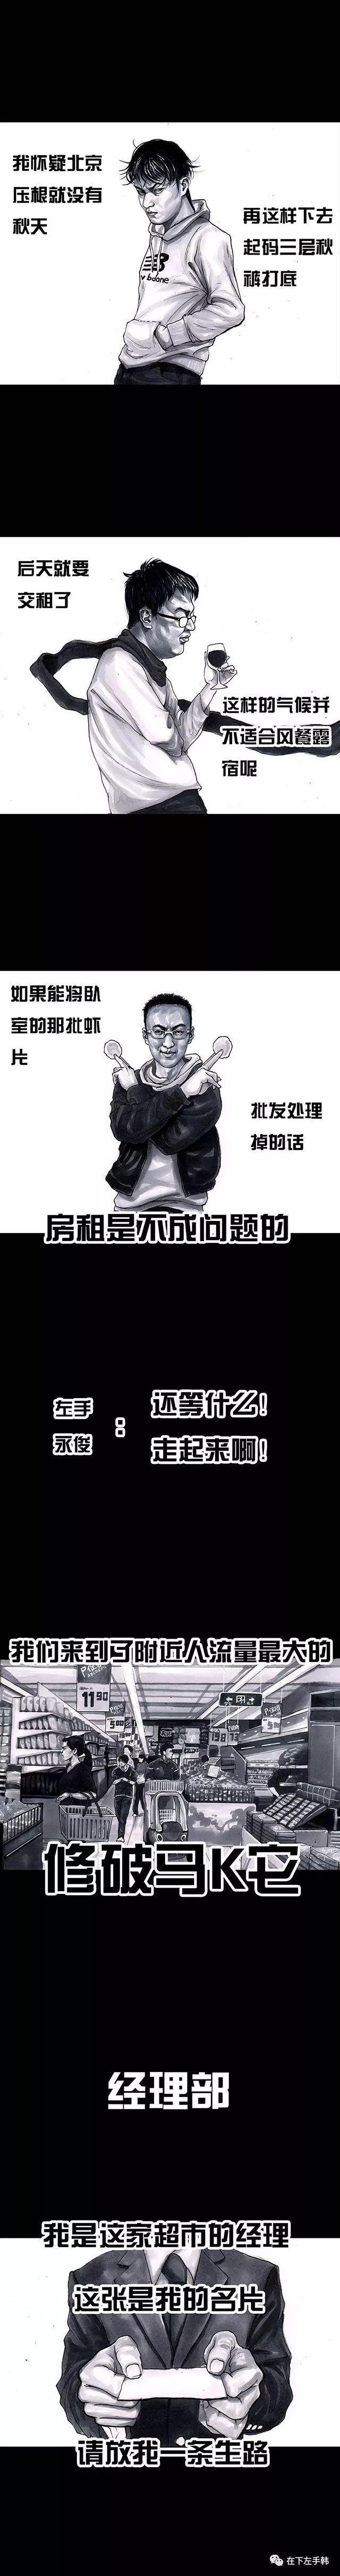 电影《手机2》时隔15年宣布开拍,崔永元发文炮轰:冯小刚是渣子